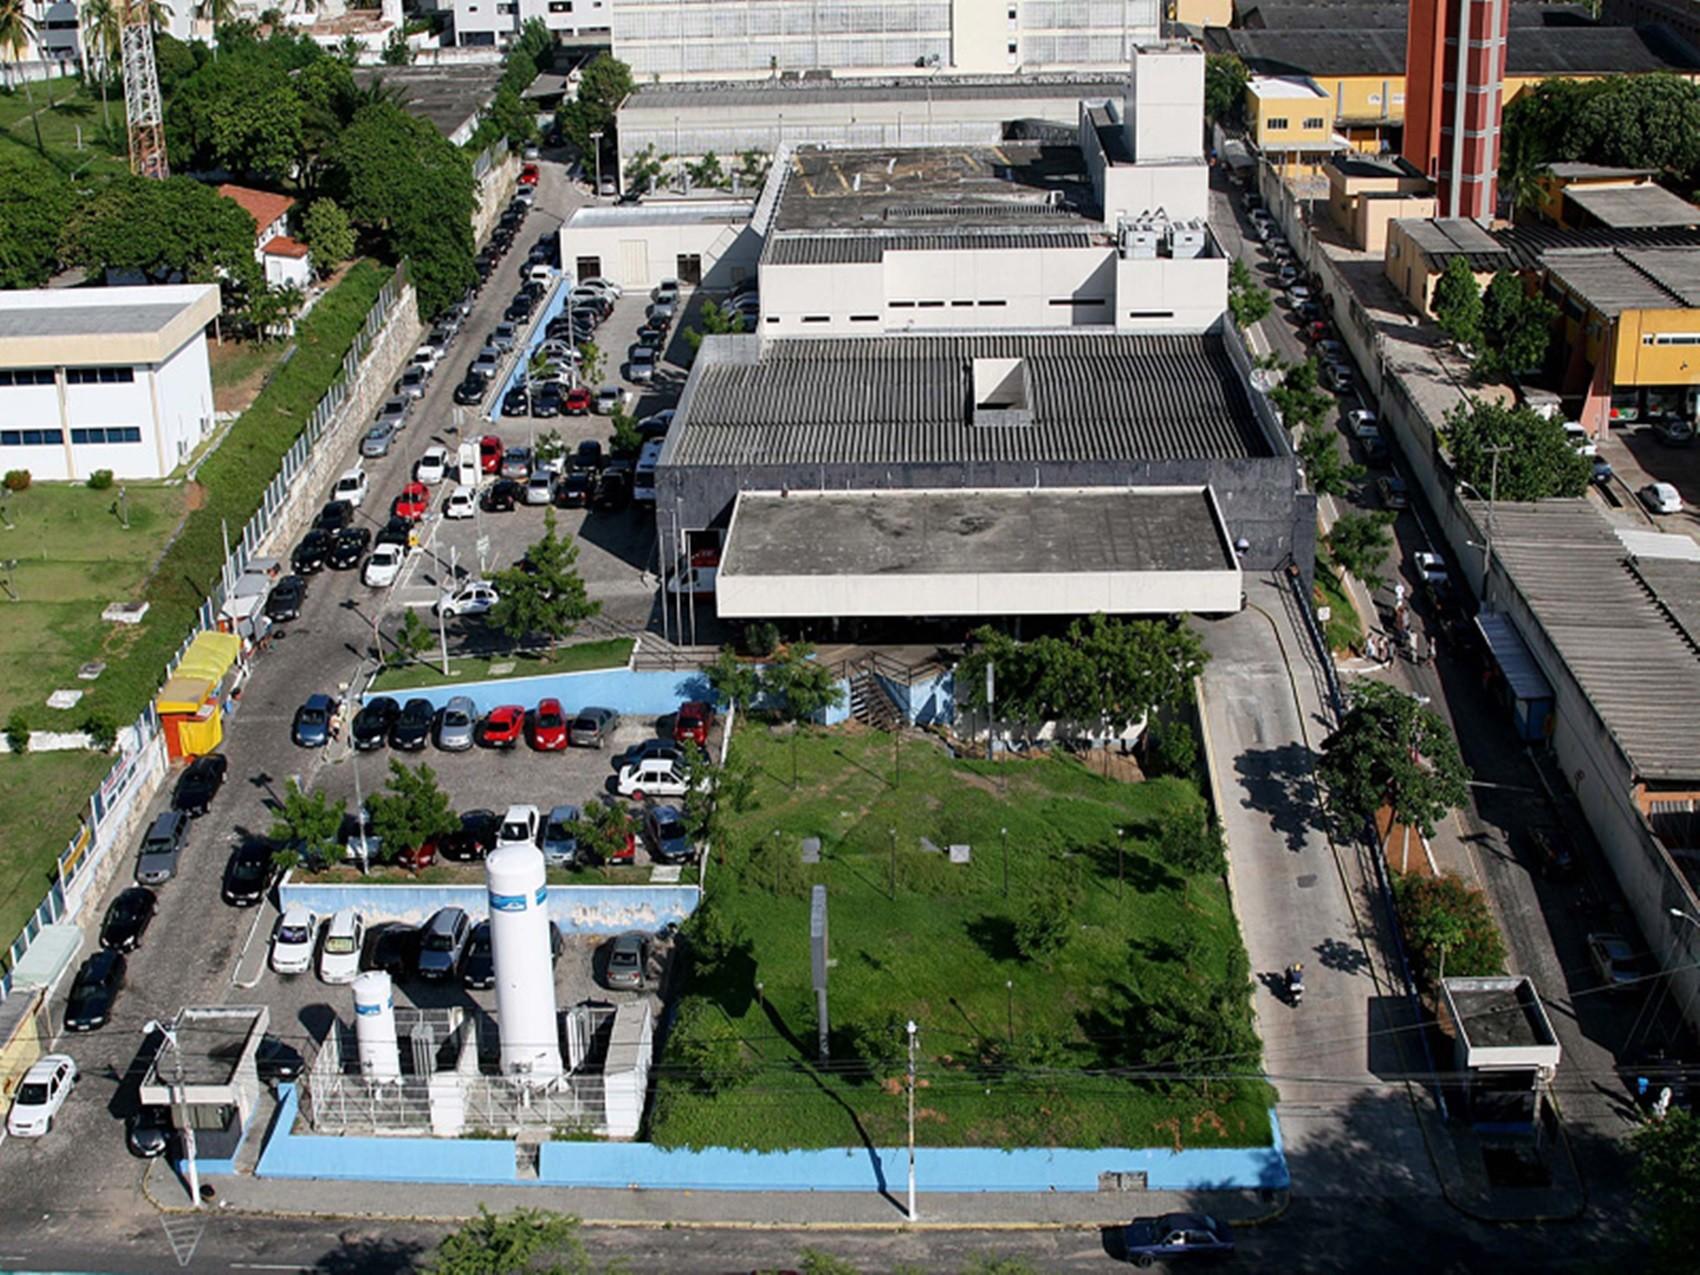 Prefeita de cidade do interior do RN tem carro roubado em frente a hospital em Natal